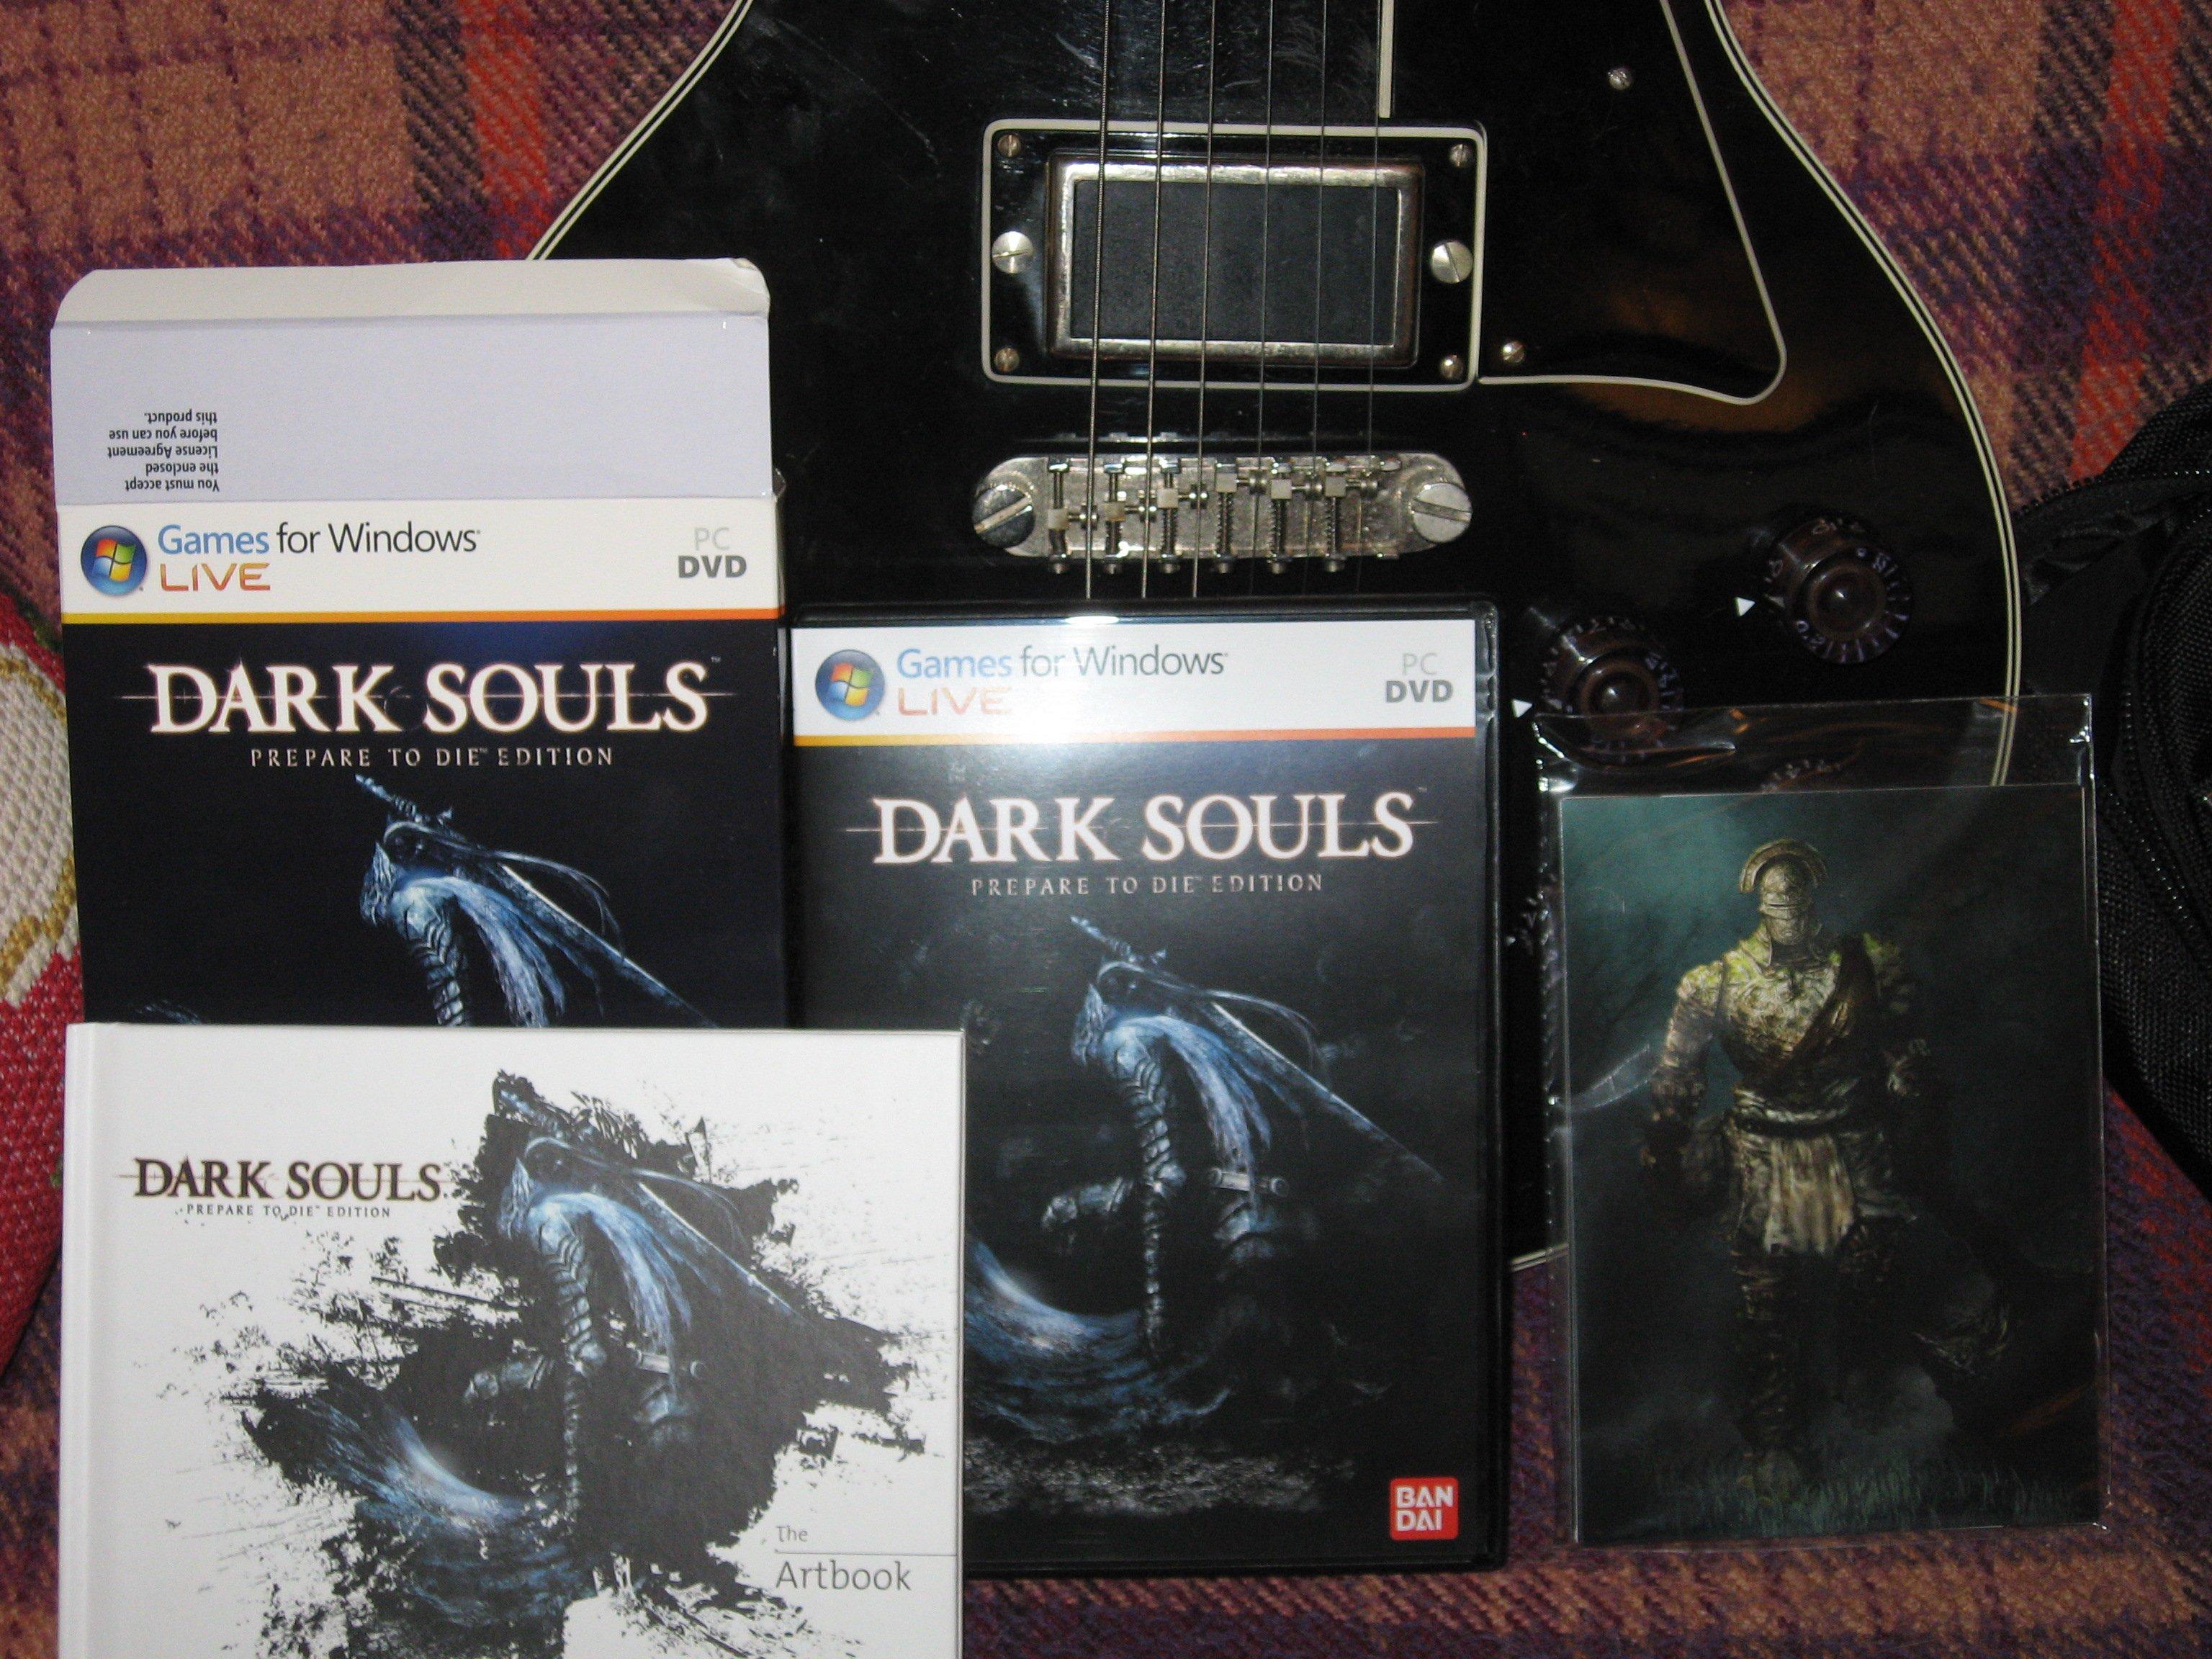 ДААААААААААА! Пришла моя любимейшая игра этого поколения консолей! Приключение начинается вновь)) #darksouls - Изображение 1